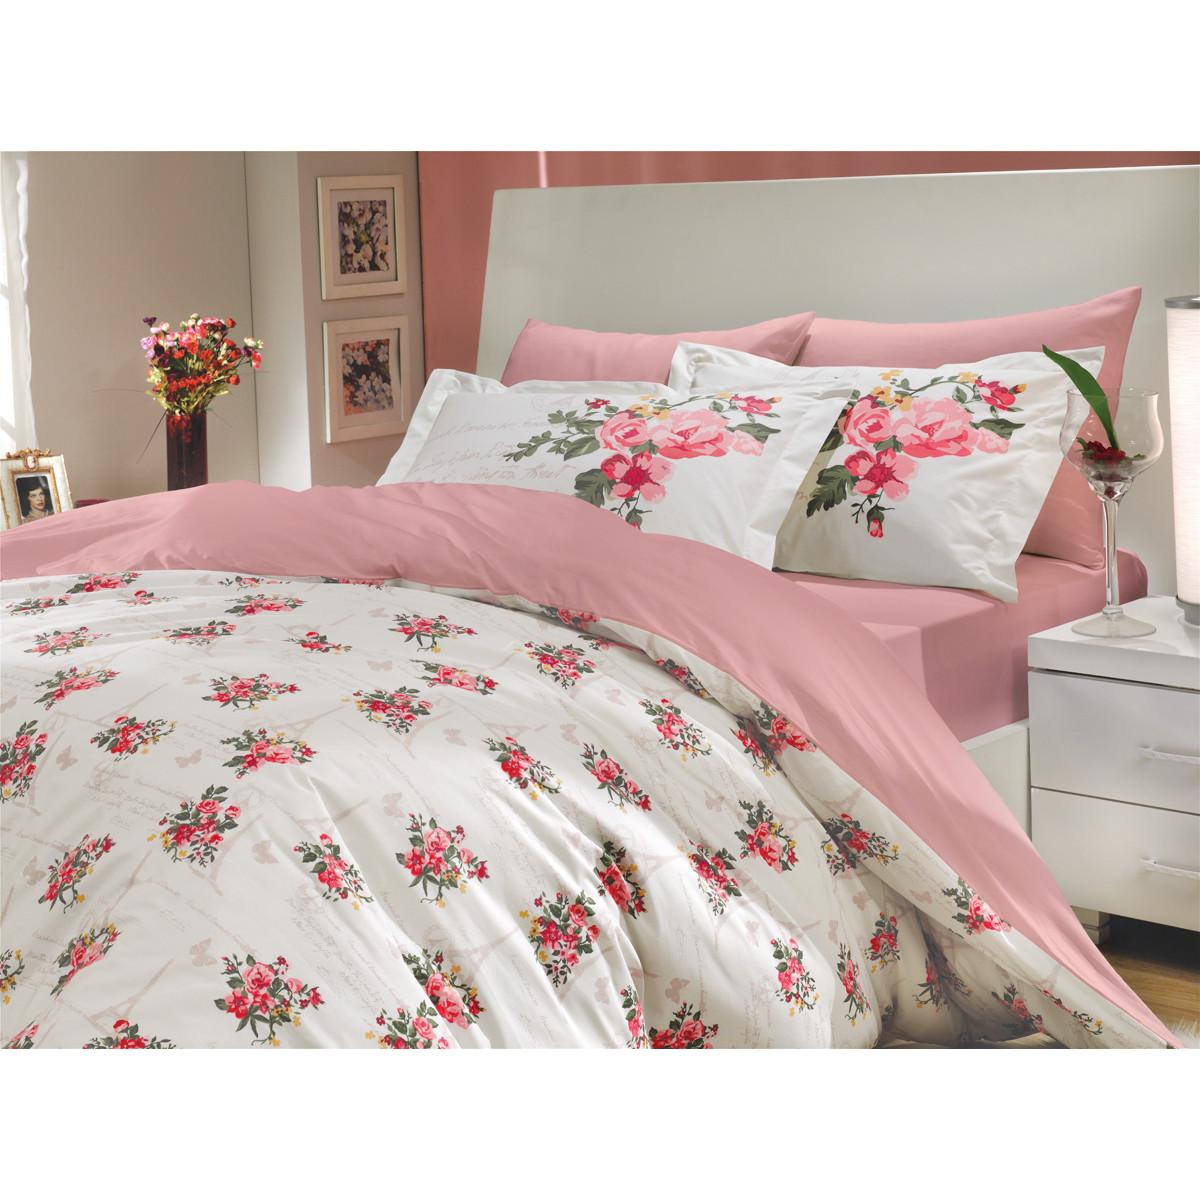 Комплект Постельного Белья Paris Spring Семейный Поплин 50x70 70x70